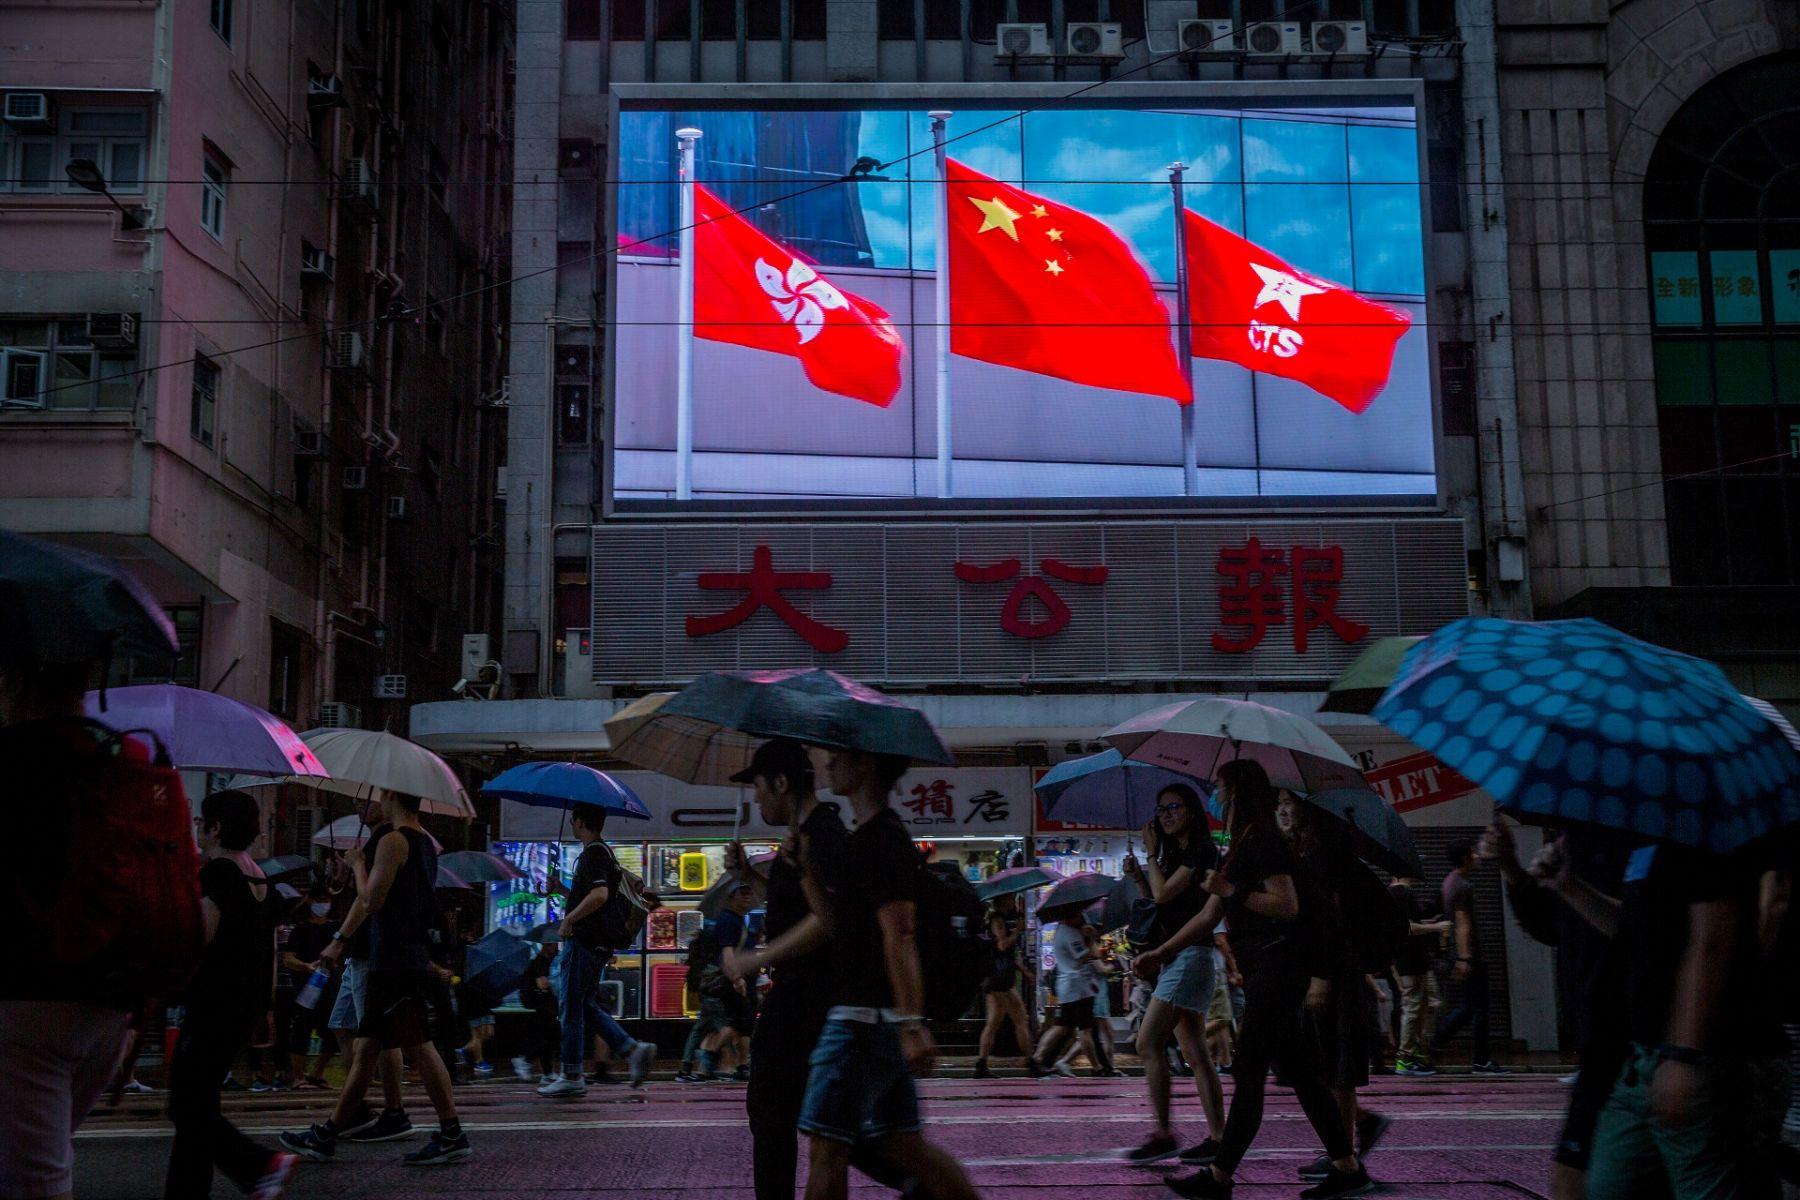 港版國安法通過!無視國際壓力 北京伸手背後的3個盤算